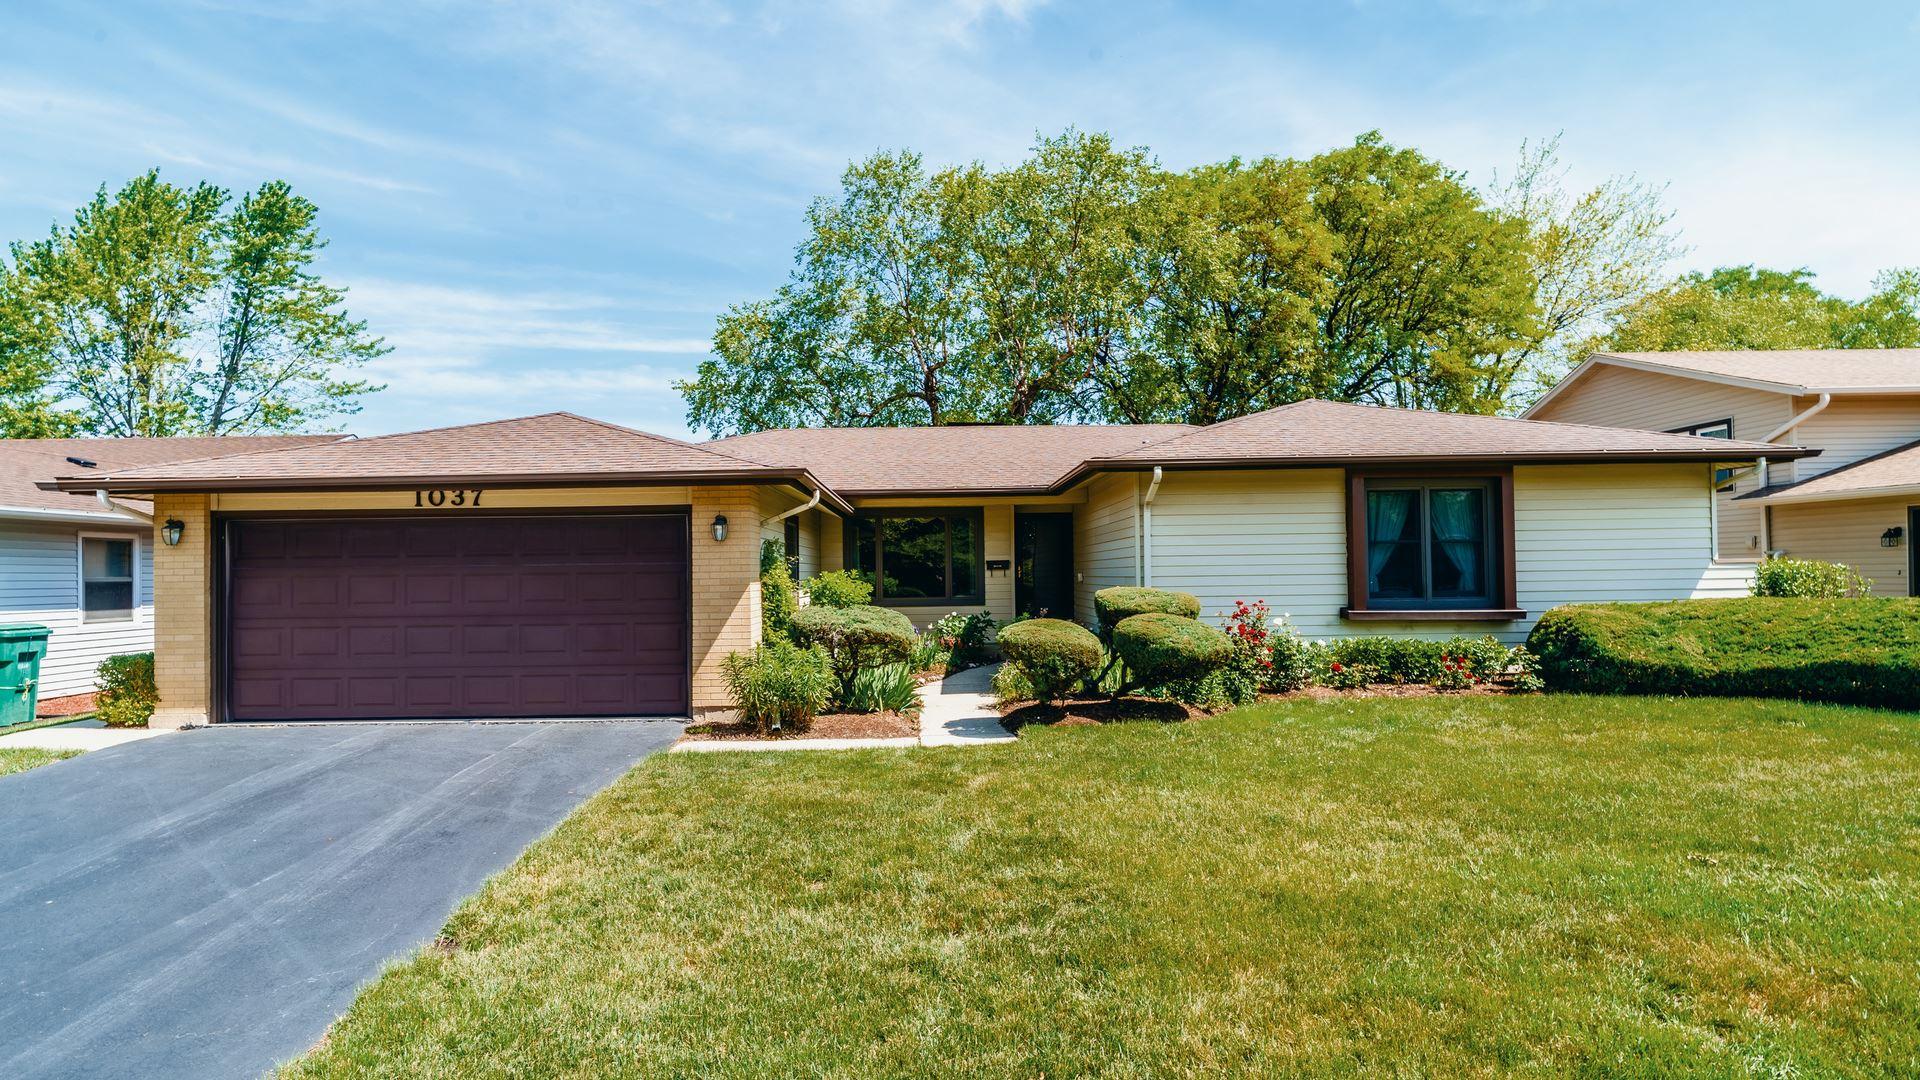 1037 Conrad Court, Elk Grove Village, IL 60007 - #: 11109789